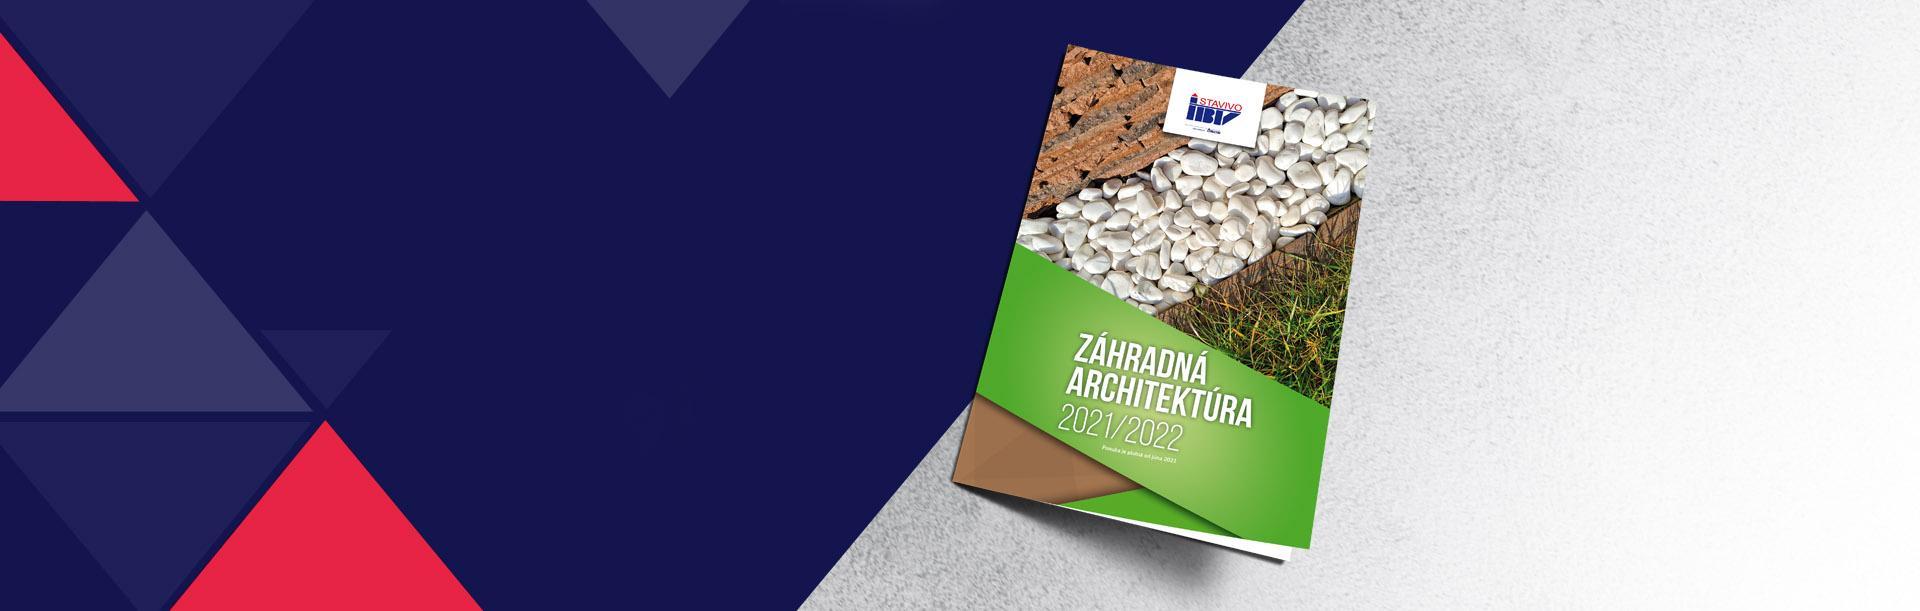 ibv - Slide katalog zahrada - Domov